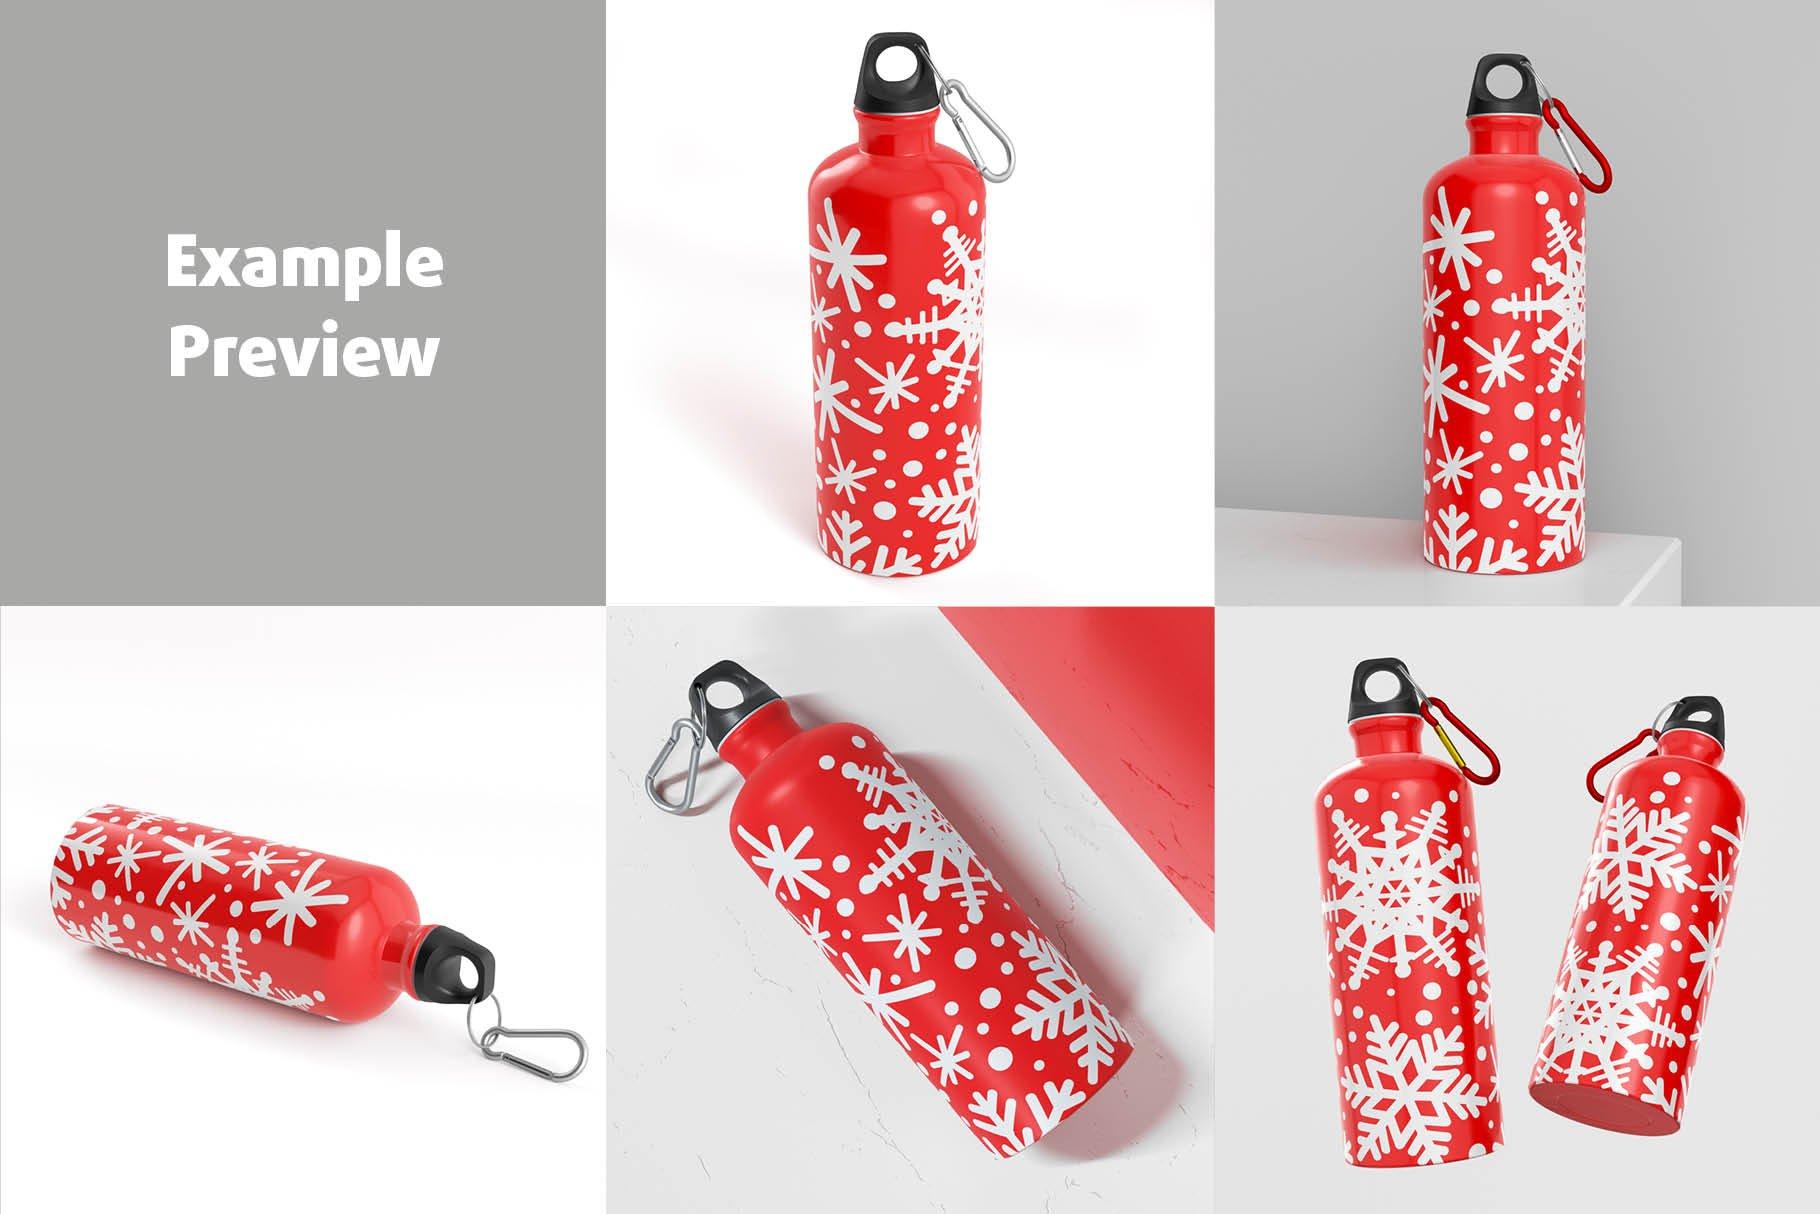 5款不锈钢保温水杯设计智能贴图样机模板 Aluminium Water Bottle Mock-Up插图4